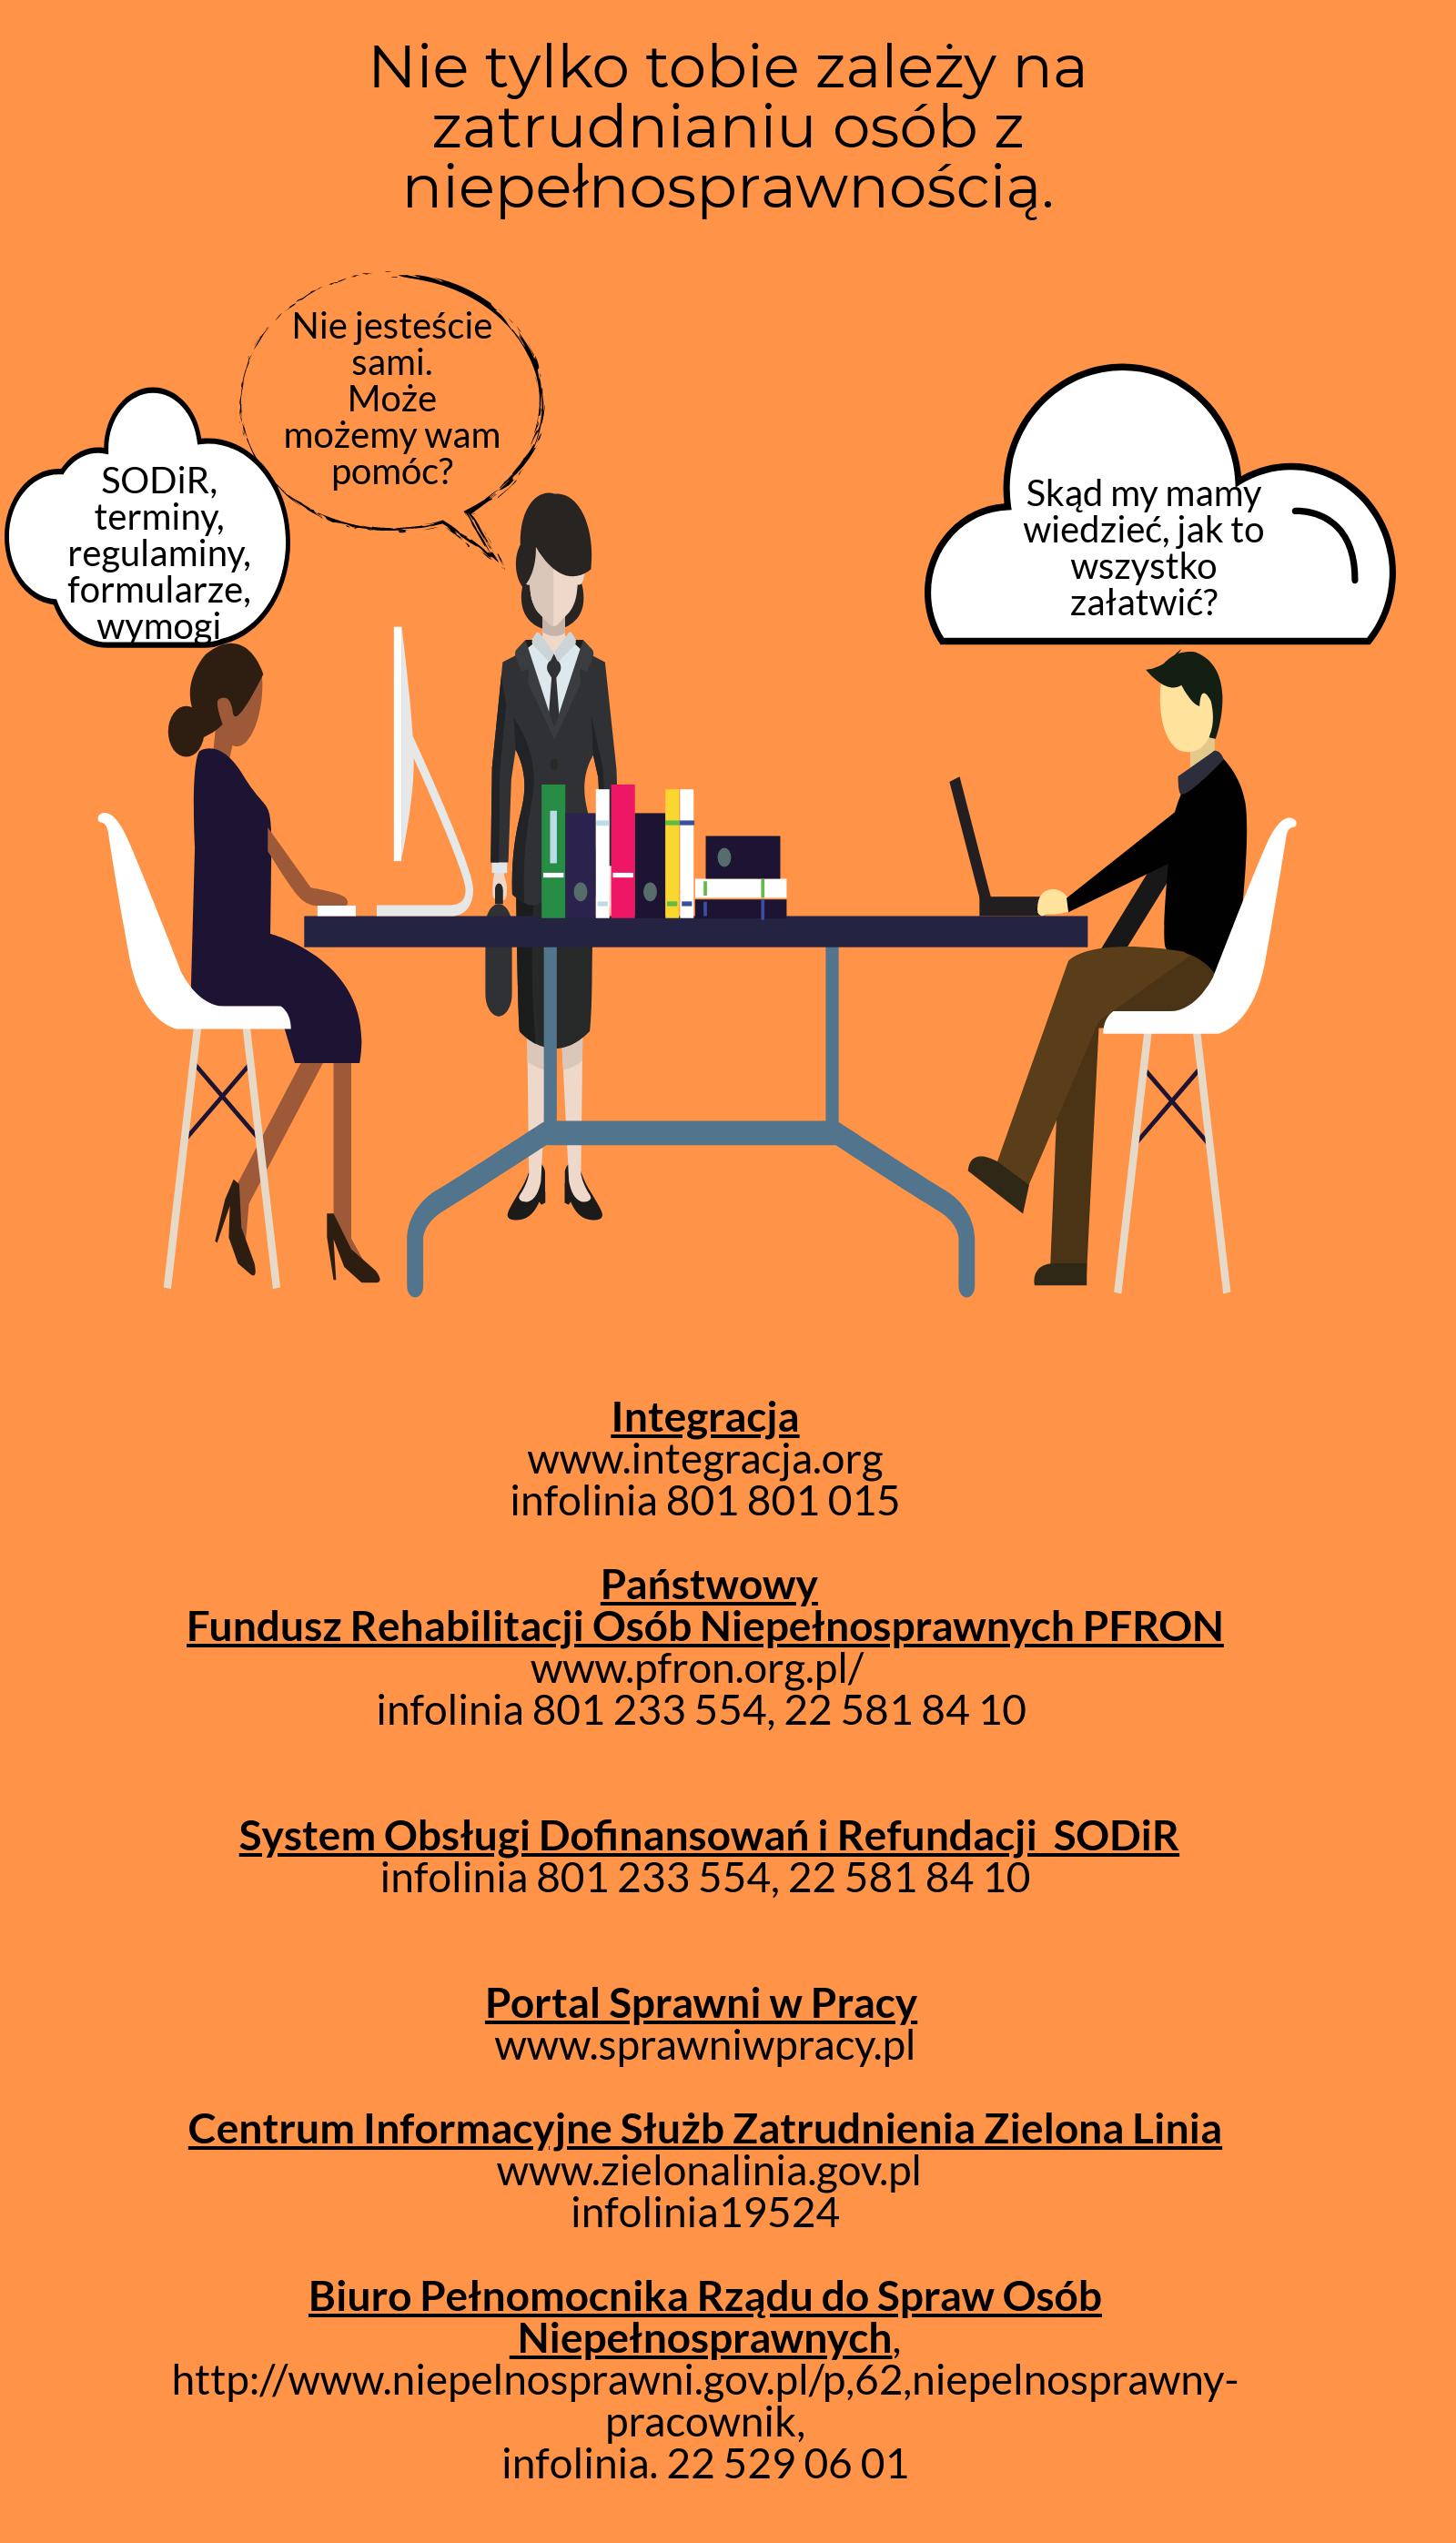 Napis: nie tylko tobie zależy na zatrudnianiu osób z niepełnosprawnością. Dwoje ludzi mówi: SODiR, terminy, regulaminy, formularze, wymogi, Skąd my mamy wiedzieć, jak to wszystko załatwić?. Kobieta odpowiada: Nie jesteście sami. Może możemy wam pomóc?. Poniżej adresy internetowe i telefony do: Integracji (integracja.org, 801 801 015), PFRON (pfron.org.pl, 801 233 554), SODiR (801 233 554), Sprawniwpracy.pl, Centrum Informacyjnego Służb Zatrudnienia Zielona Linia (zielonalinia.gov.pl, 19 524) i Biura Pełnomocnika Rządu ds. Osób Niepełnosprawnych (niepelnosprawni.gov.pl, 22 529 06 01).